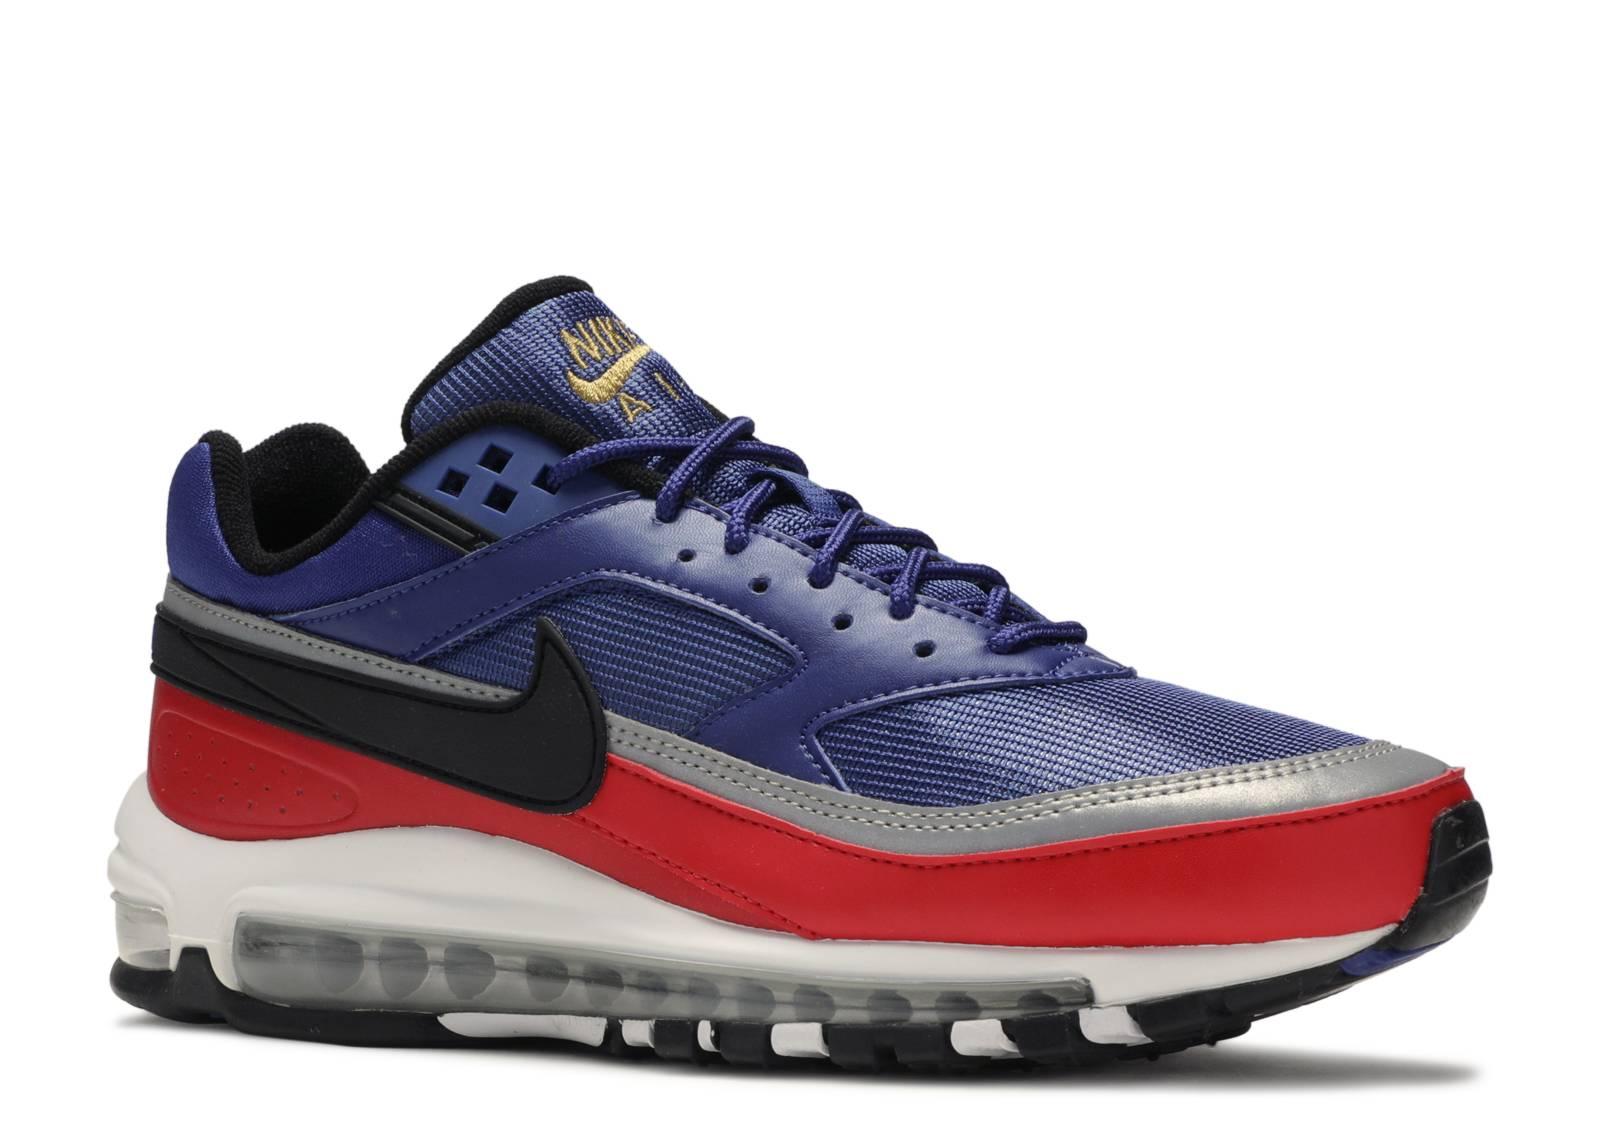 Air Max 97 Bw Royal Blue Red Nike Ao2406 400 Deep Royal